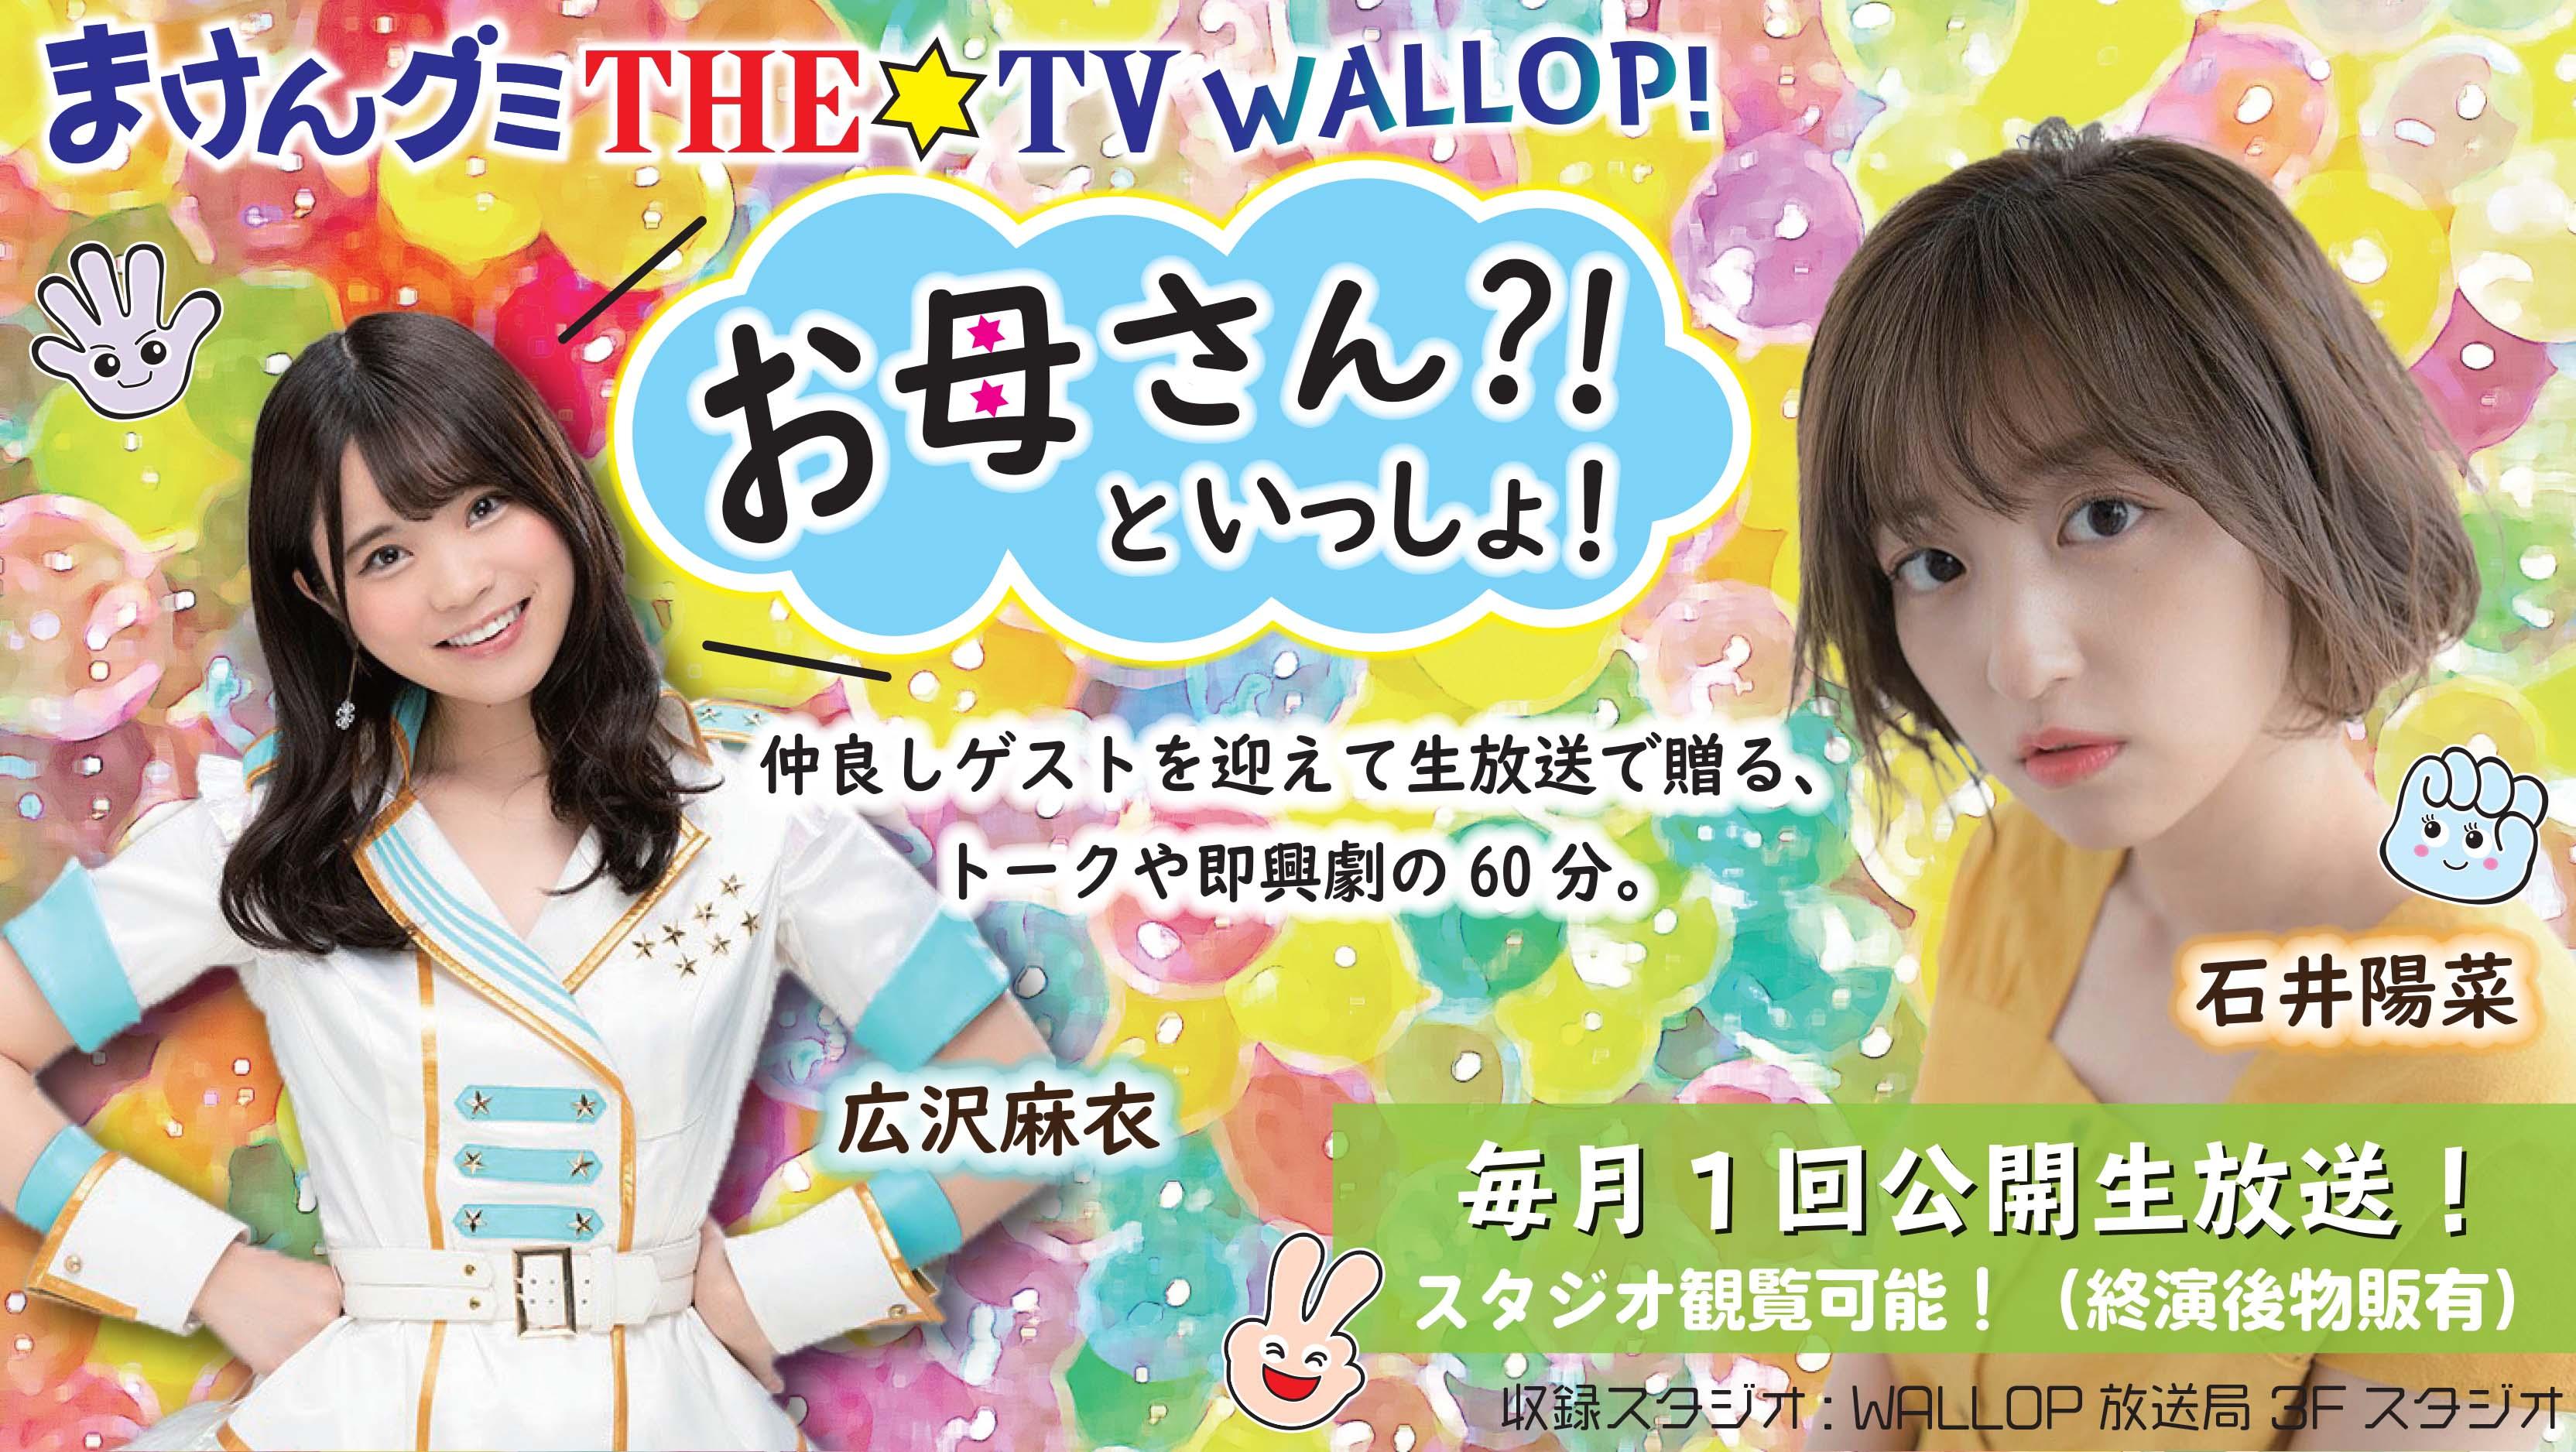 まけんグミTHE☆TV WALLOP 『お母さん?!といっしょ!』928まけんグミの日拡大版!